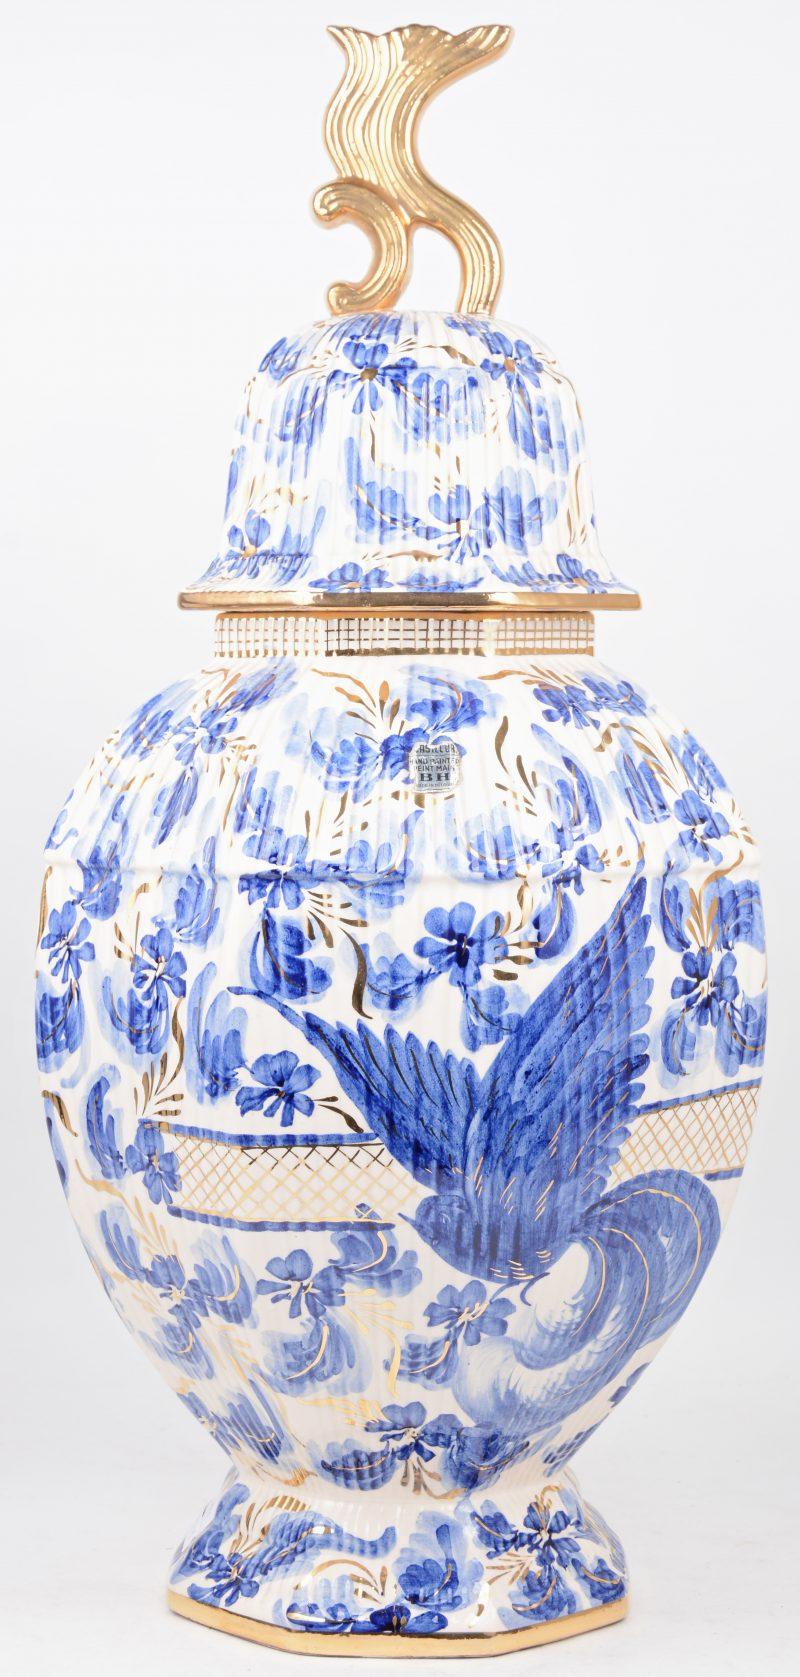 Een achthoekige dekselvaas van aardewerk met een blauw-wit en verguld bloemendecor. Schilfer aan het deksel.